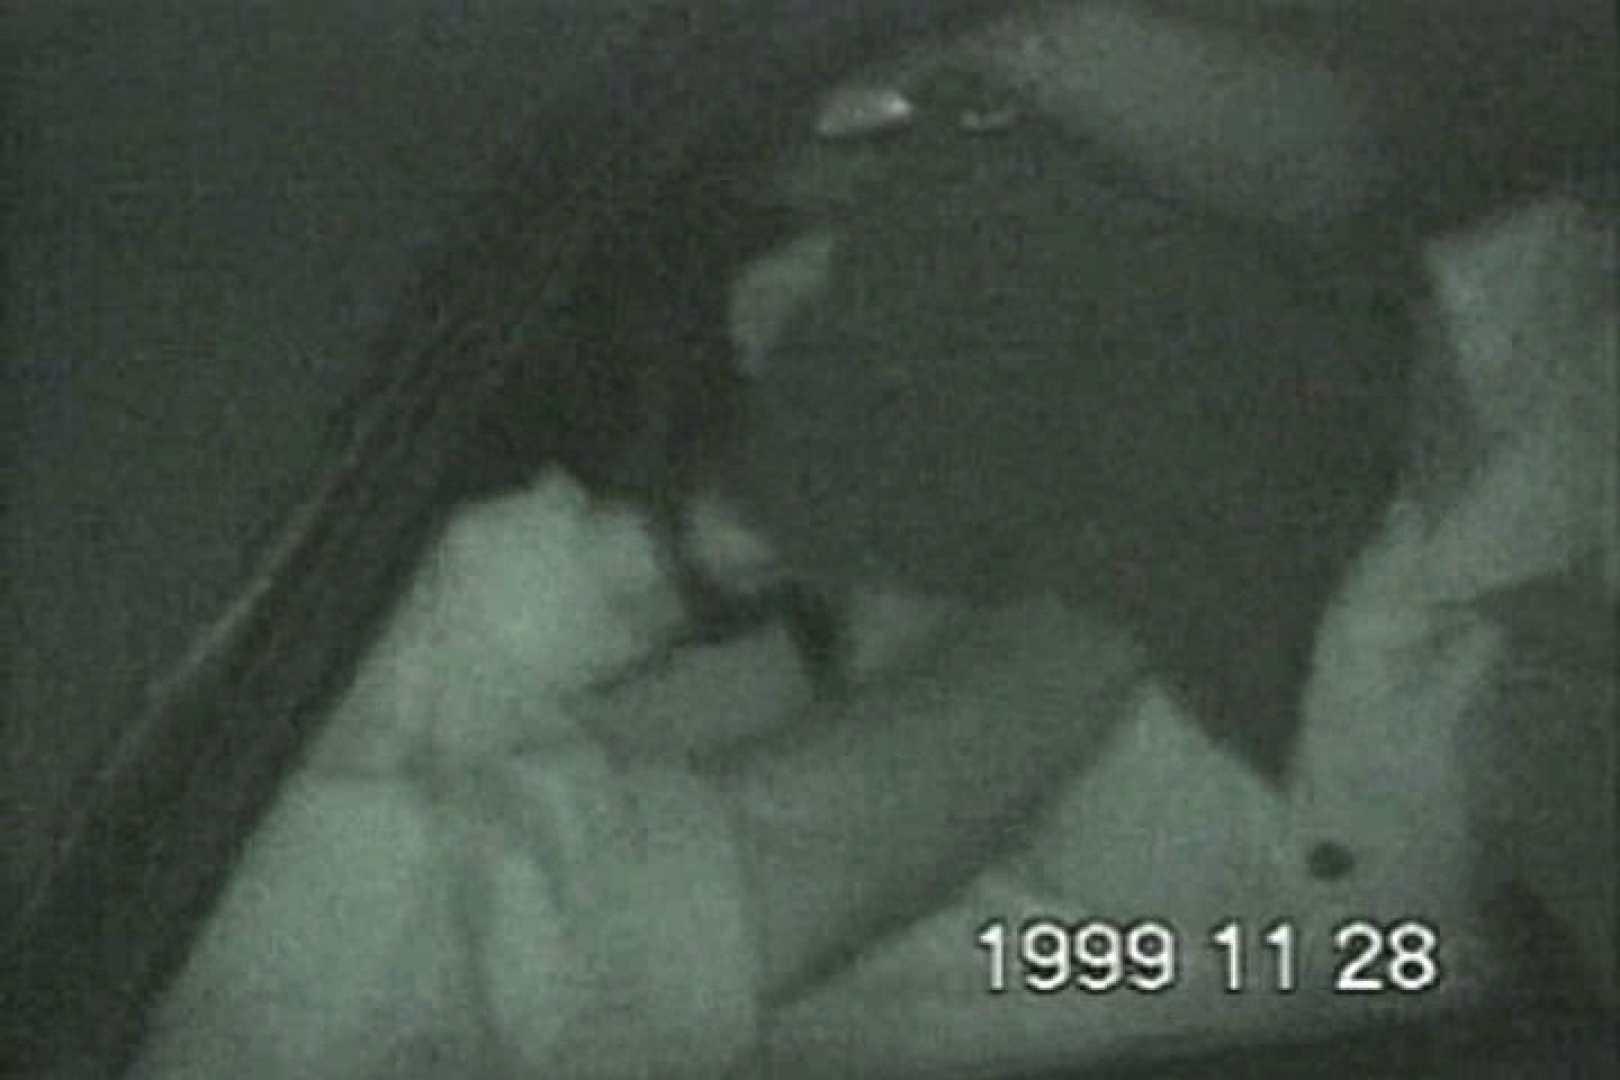 蔵出し!!赤外線カーセックスVol.7 エロティックなOL セックス画像 107画像 9